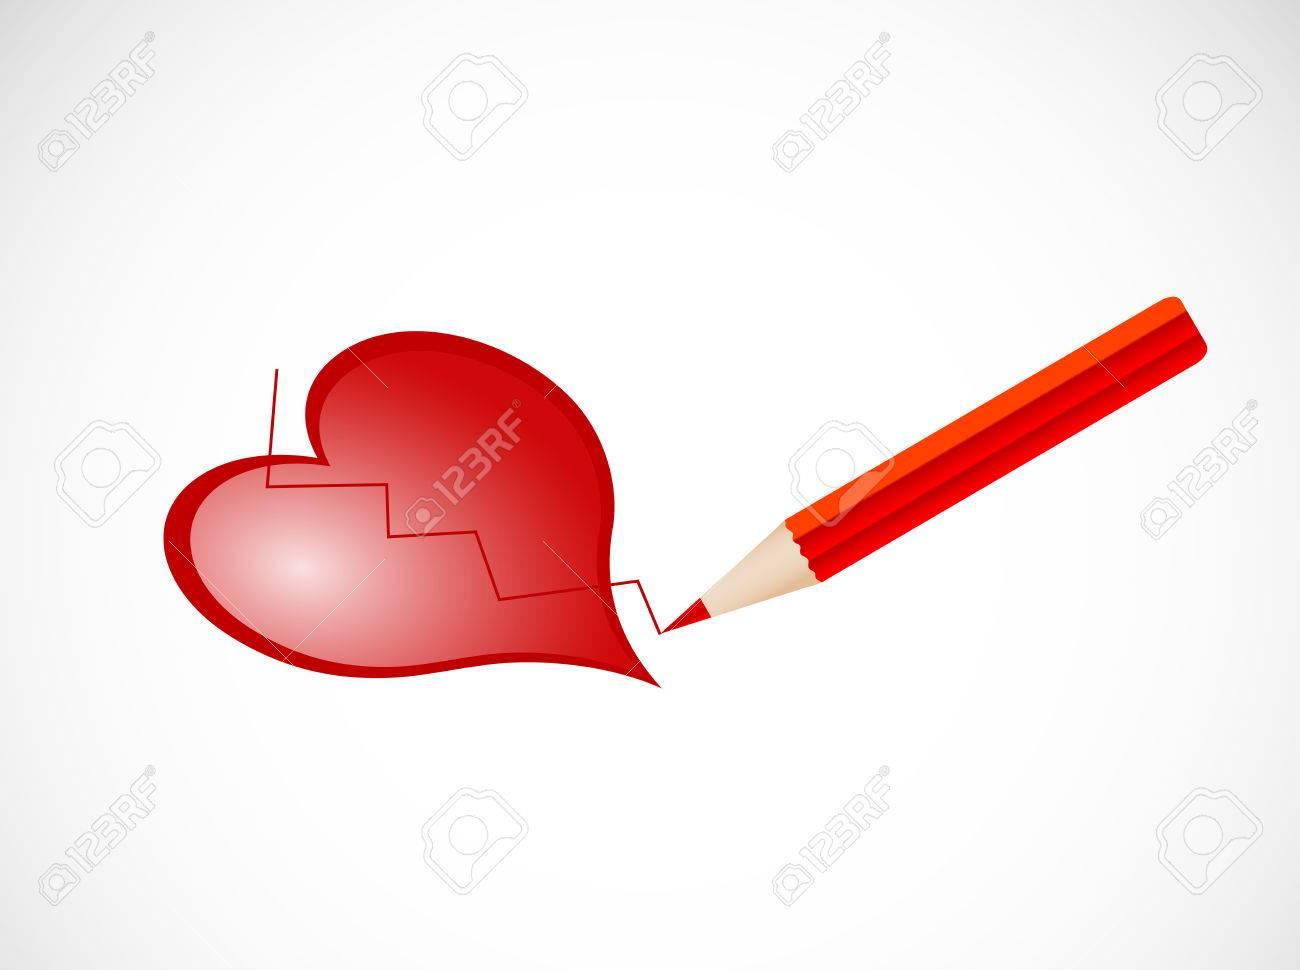 Lápiz Dibujar El Corazón Roto Ilustraciones Vectoriales Clip Art